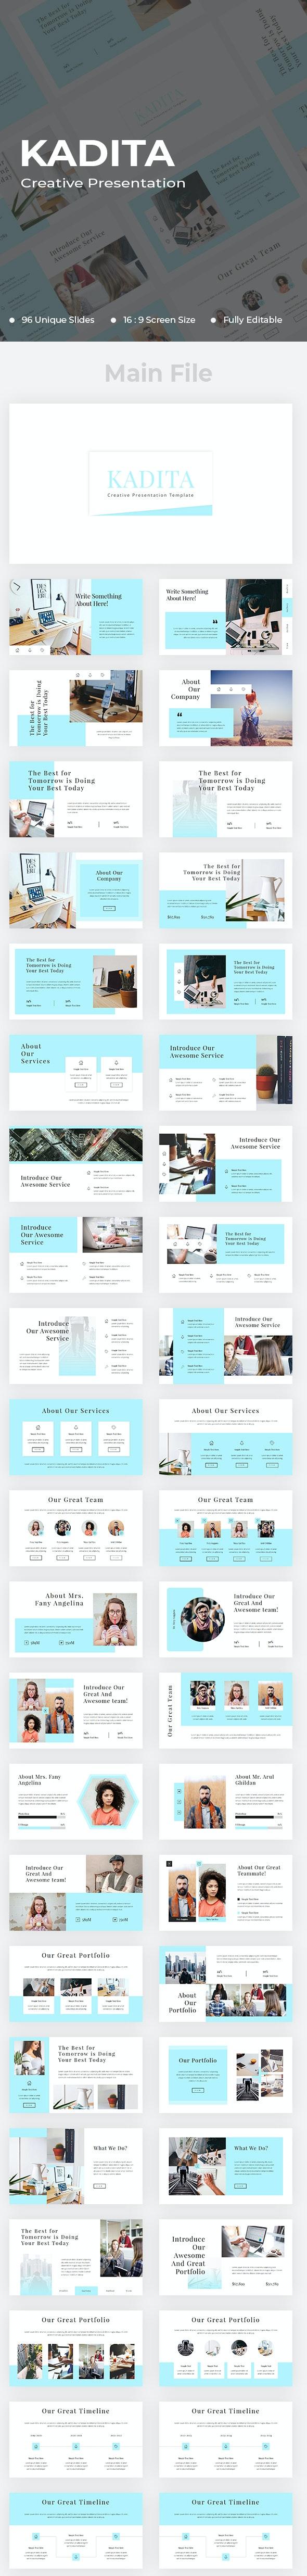 Kadita Creative PowerPoint - Creative PowerPoint Templates